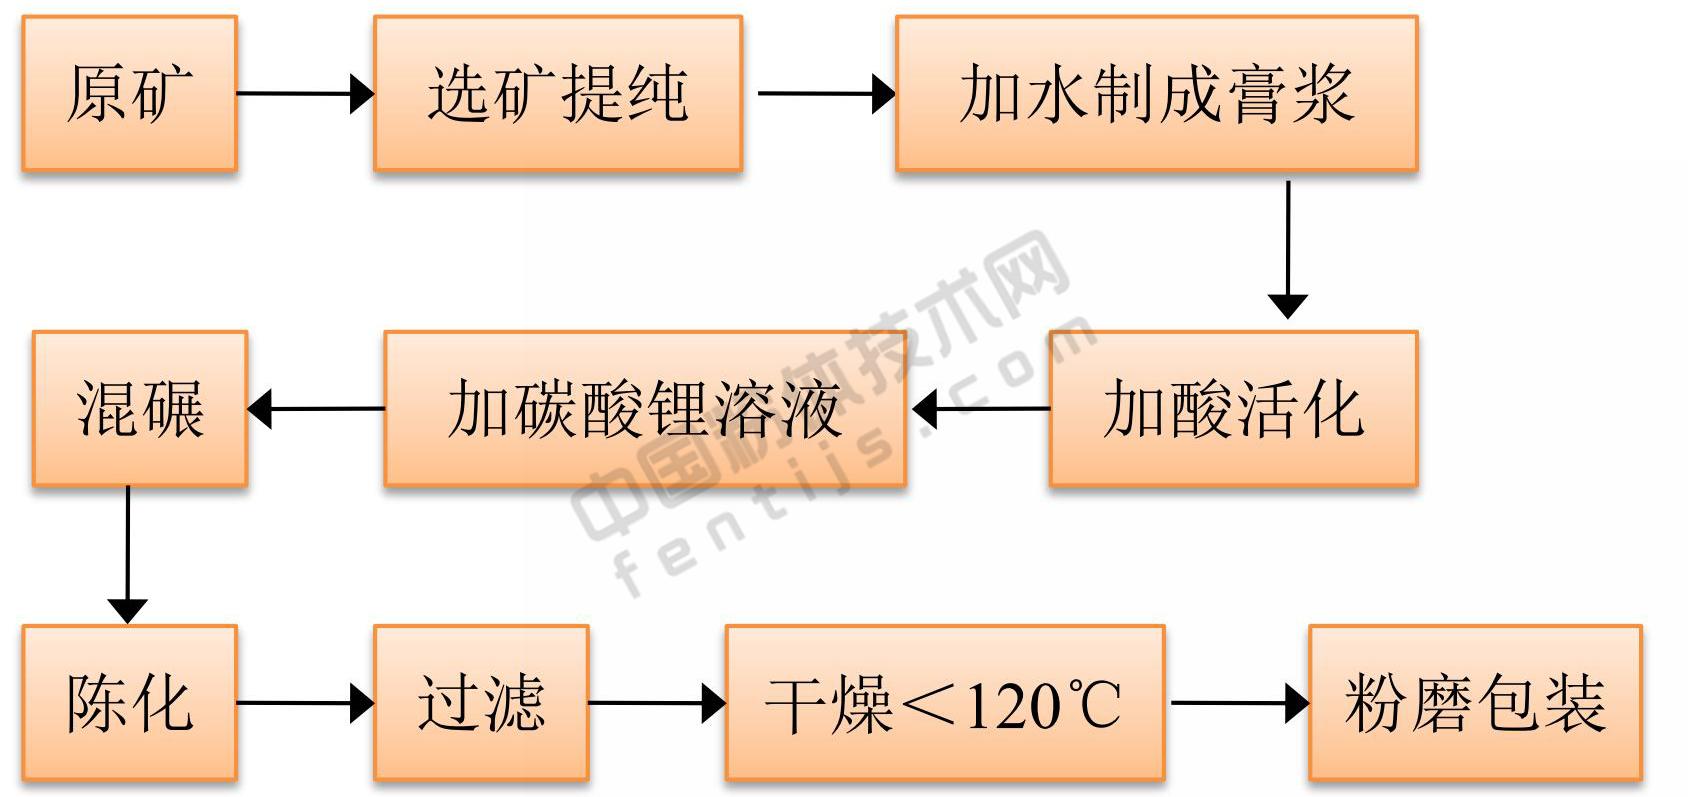 锂基膨润土制备原则流程